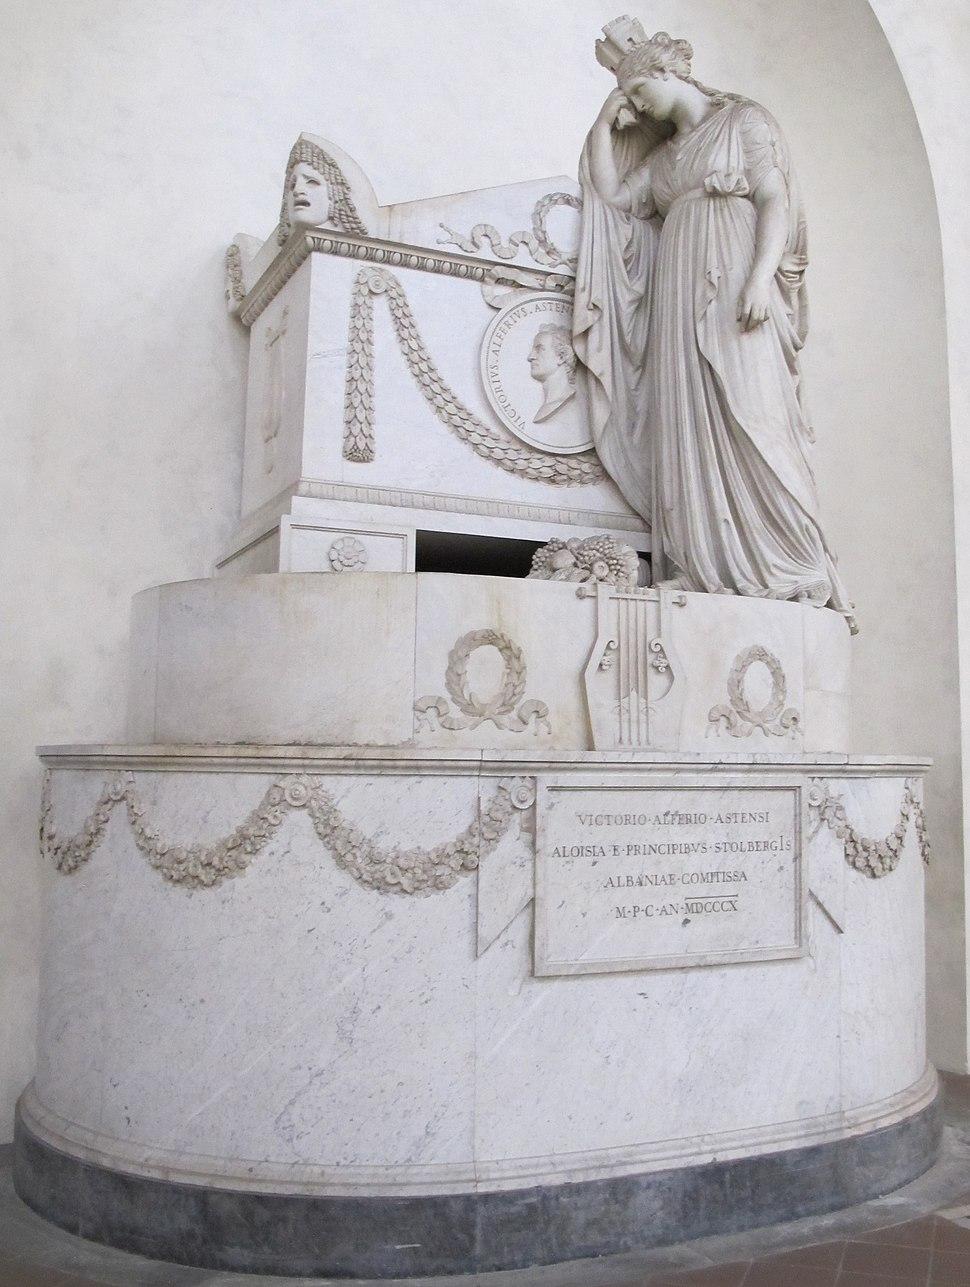 S. croce, tomba vittorio alfieri